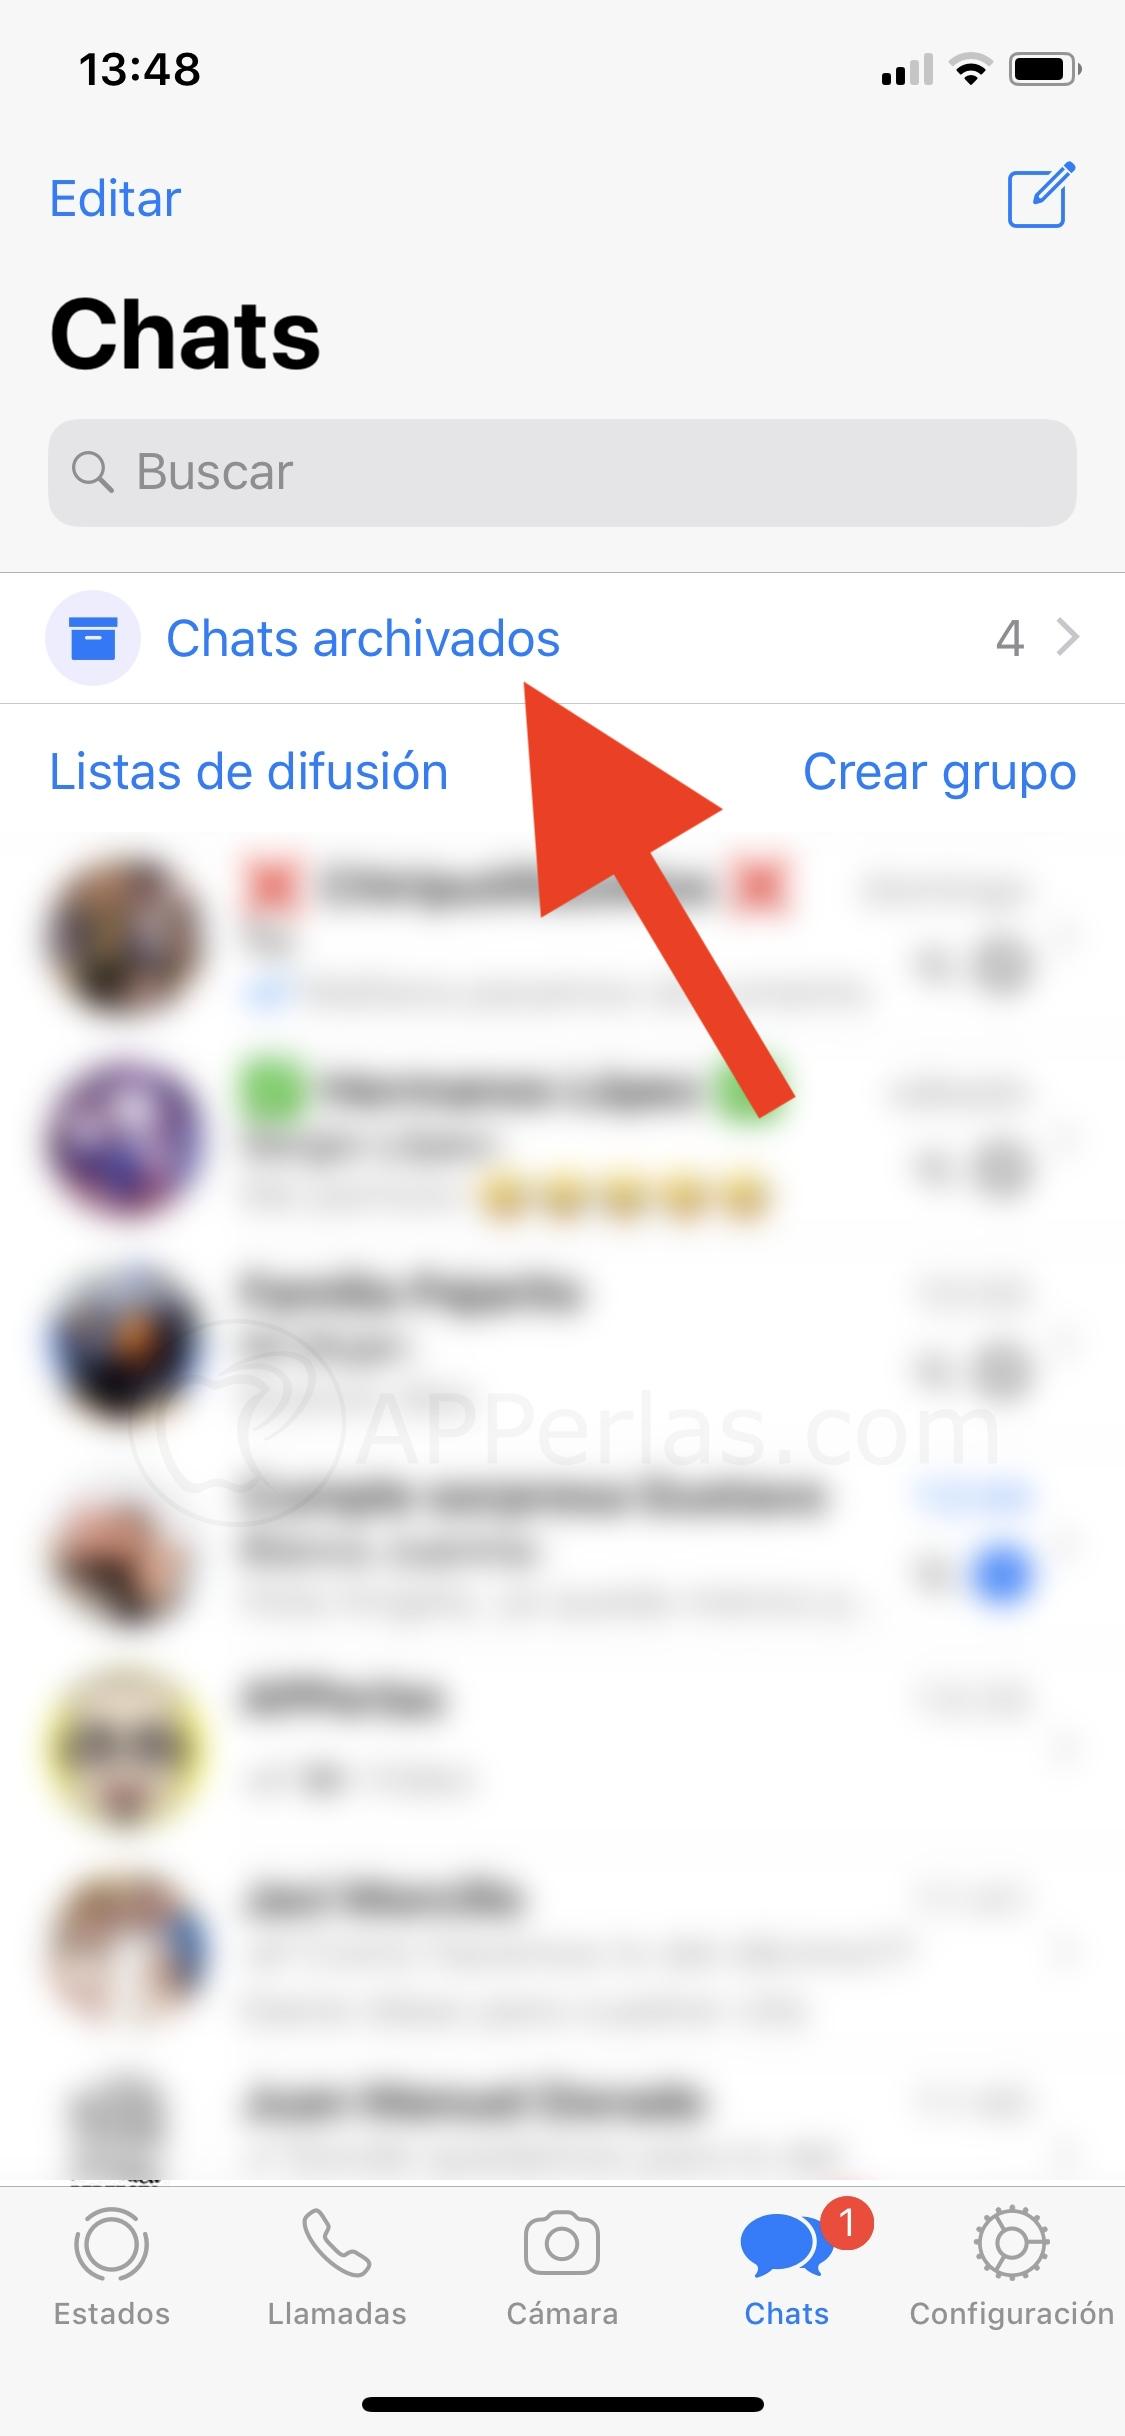 ¿Cómo archivar conversaciones de WhatsApp?